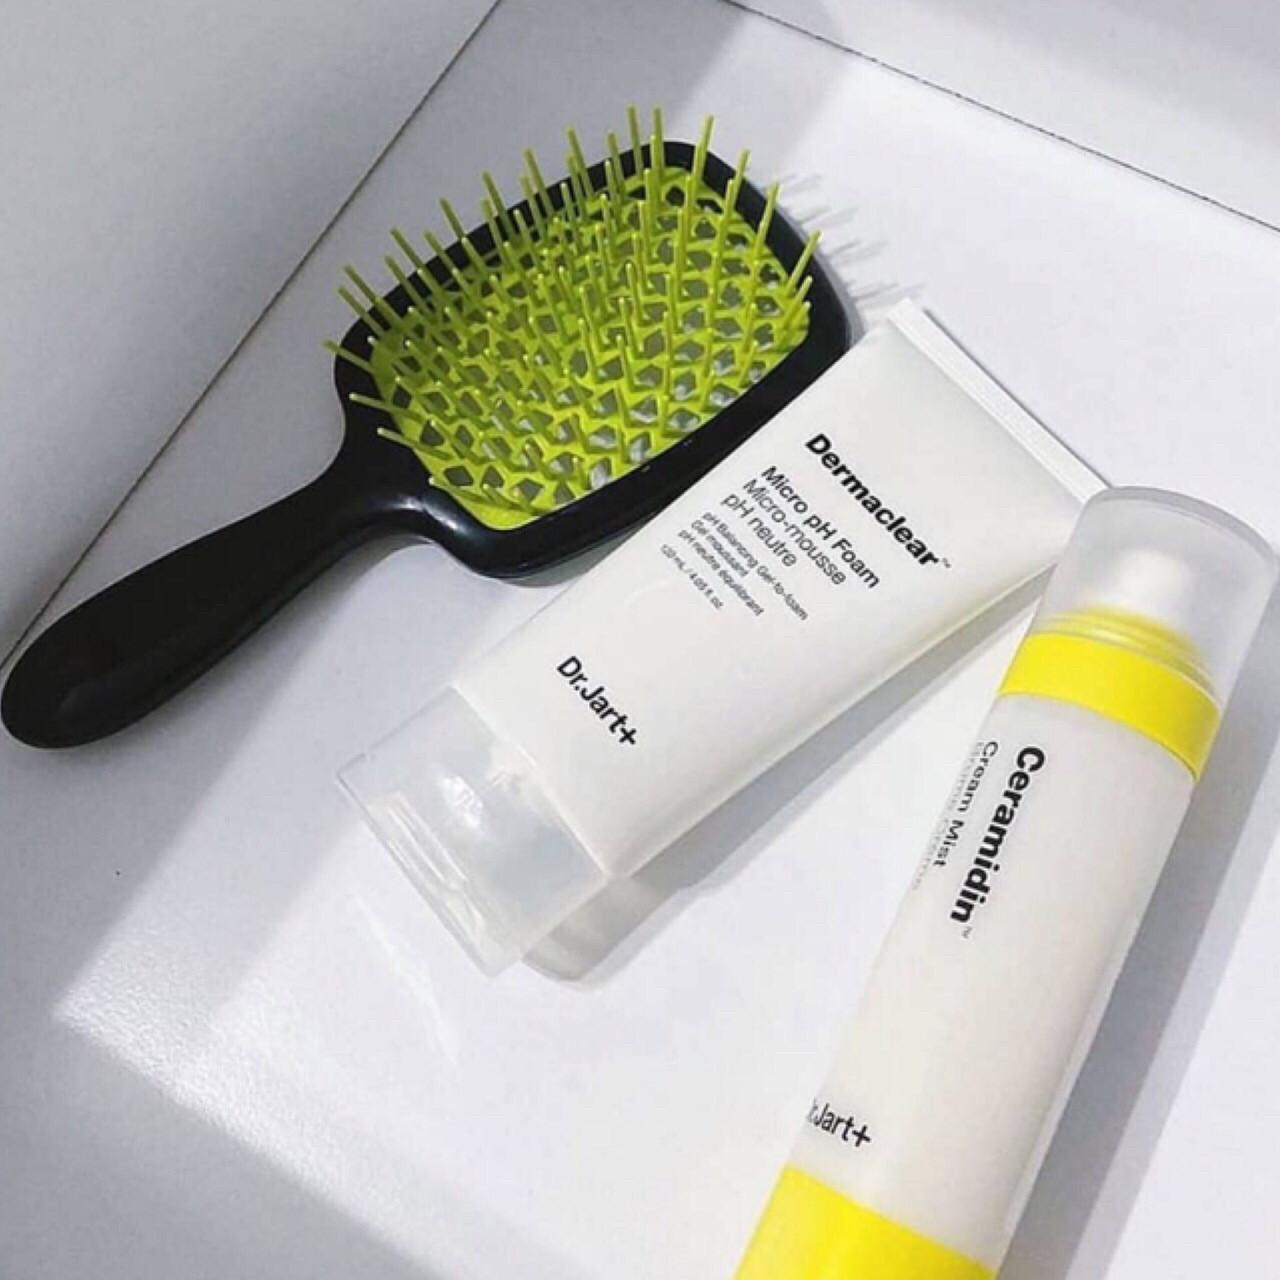 Расческа для волос Janeke 1830 Superbrush, чёрная с зелёным